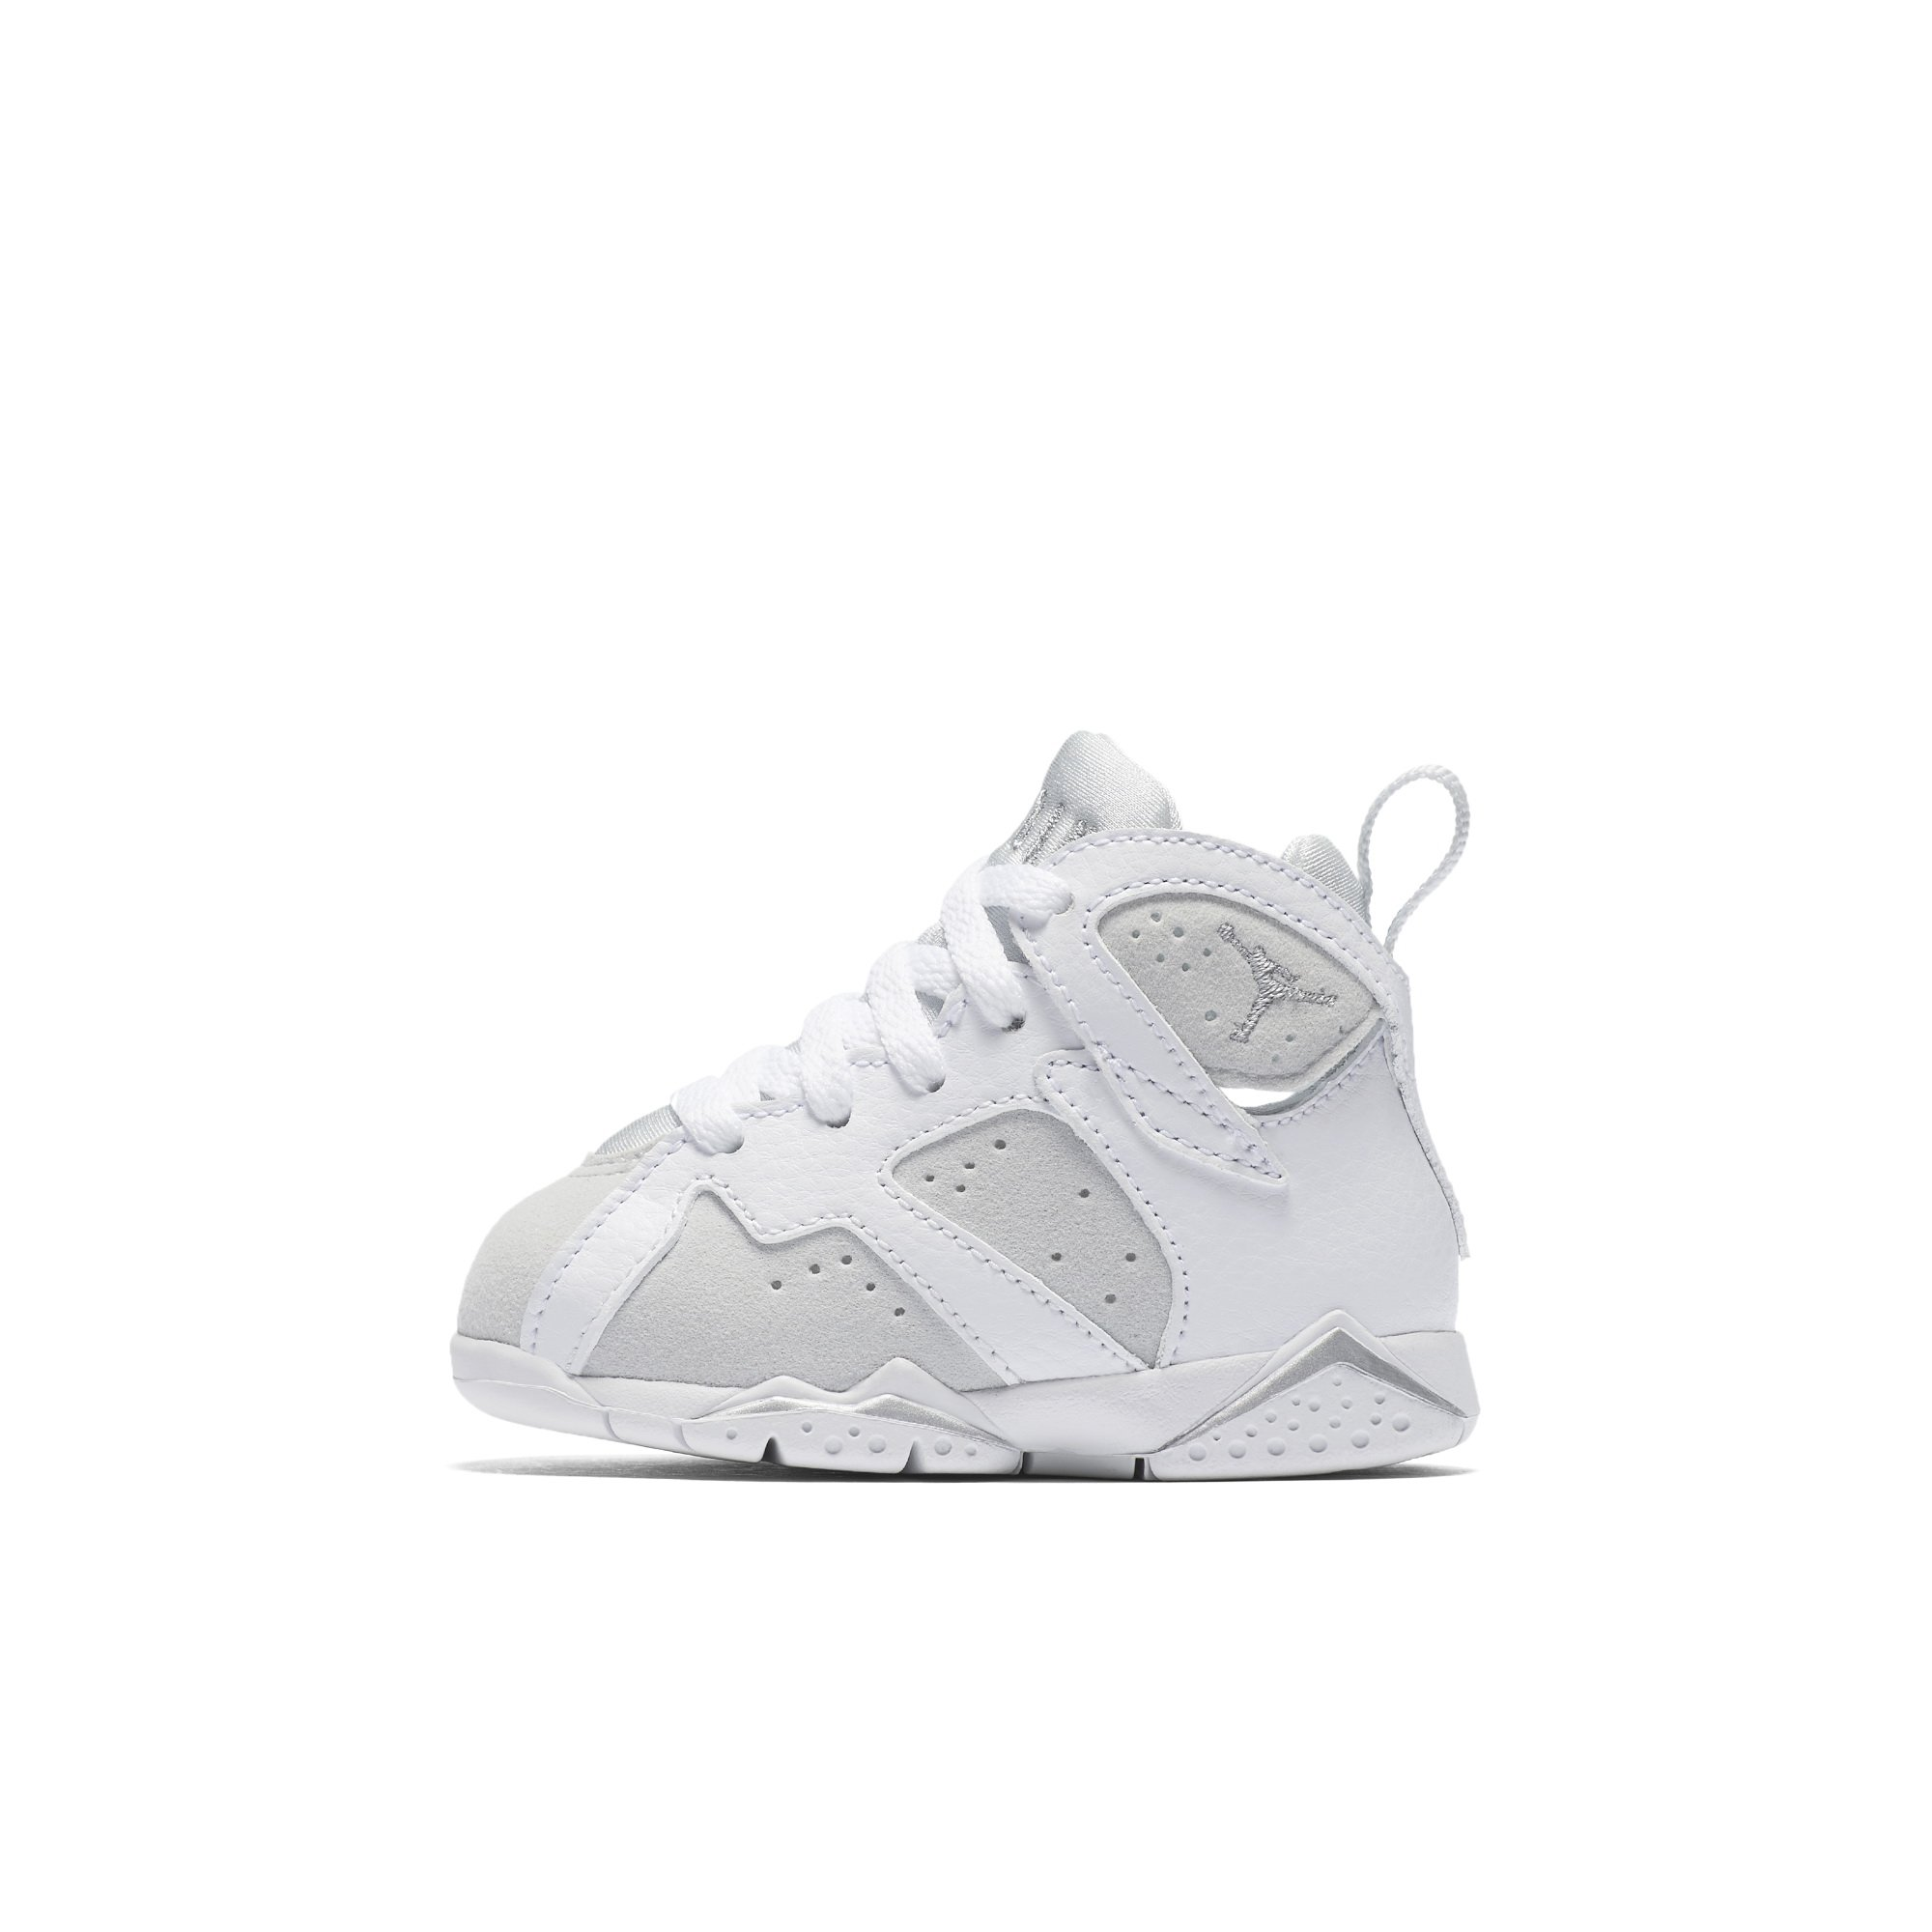 Jordan 7 Retro BT Toddler Shoes White/Metallic Silver 304772-120 (10 M US)